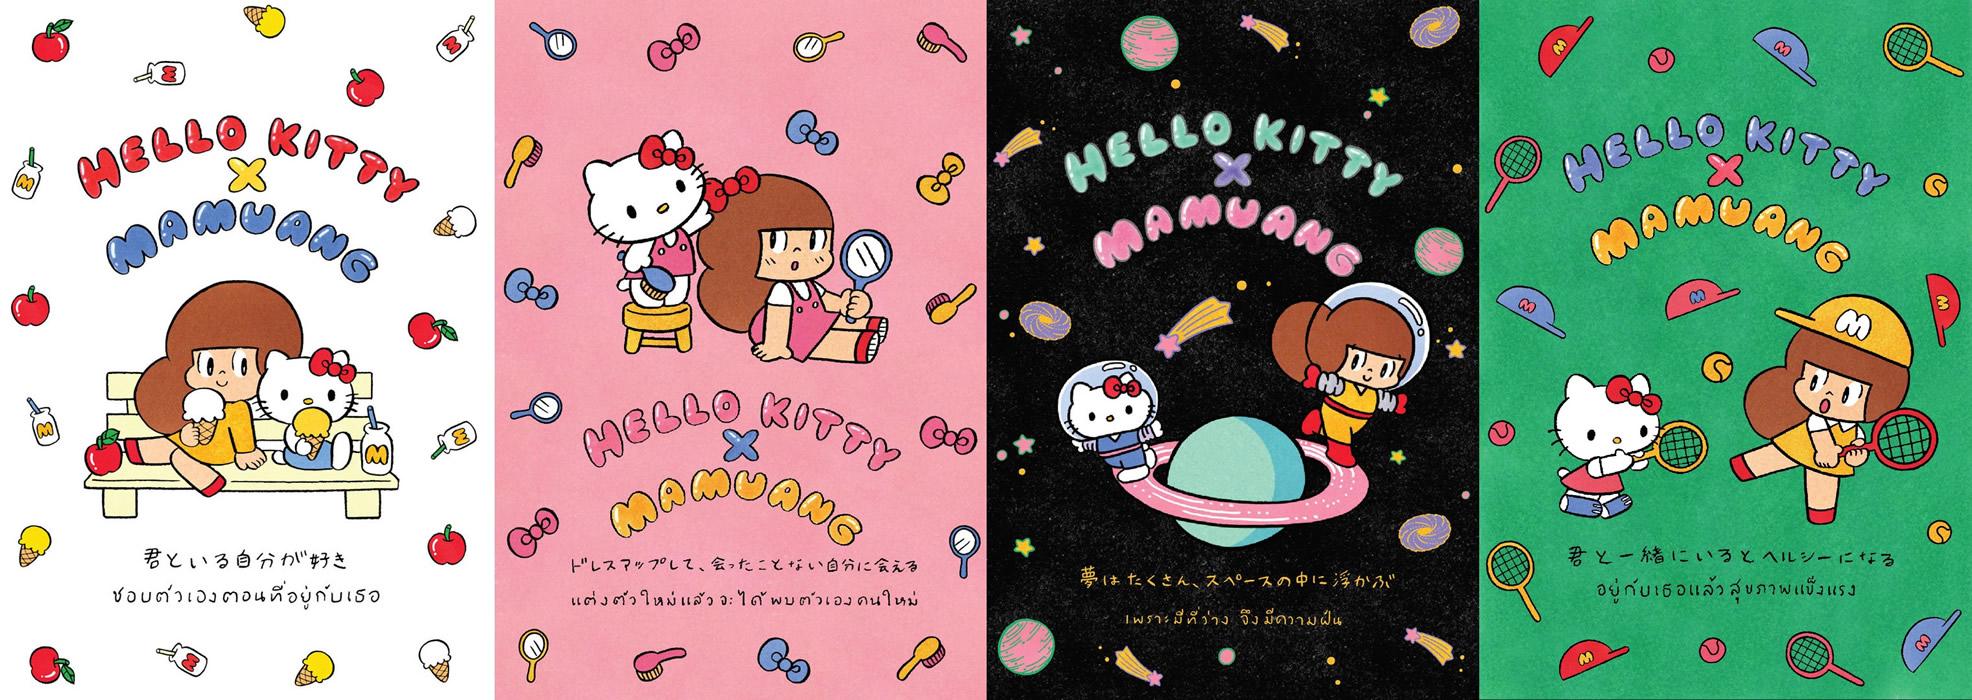 大阪・梅田の蔦屋書店で「ハローキティ×マムアン フェア」期間限定開催